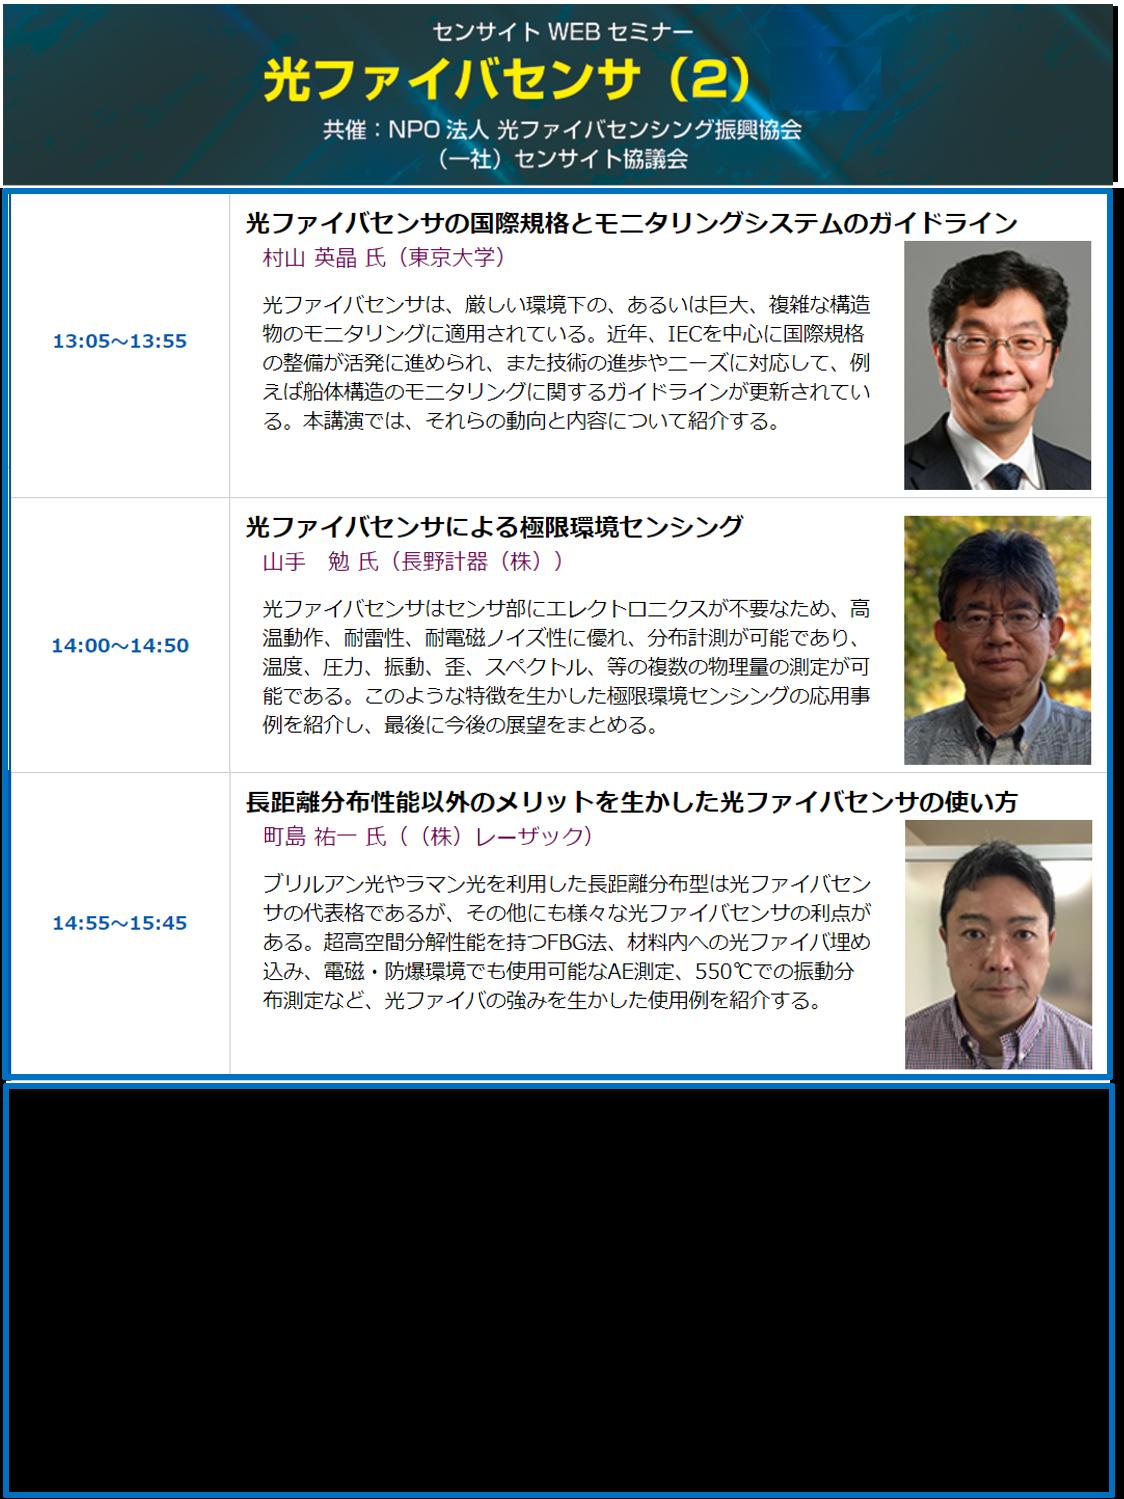 参加申し込み受付中 → WEBセミナー(2月25日(木)オンライン開催(光ファイバセンシング振興協会/センサイト協議会 共催))「光ファイバセンサ(2)」を開催します。